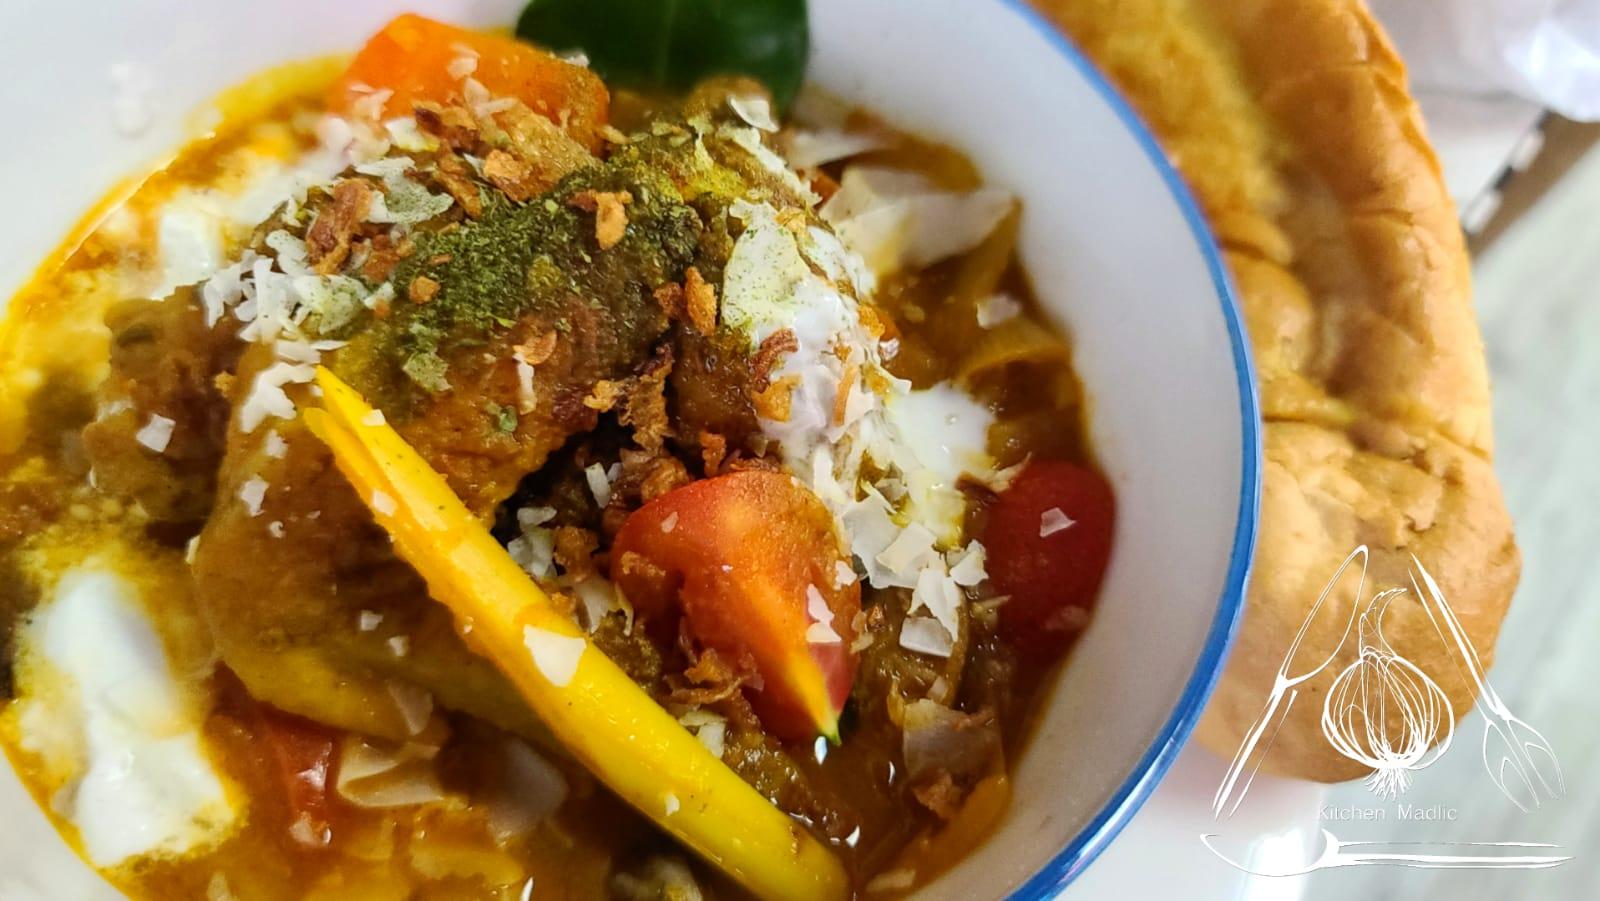 馬來西亞咖哩雞。(Kitchen Madlic提供)